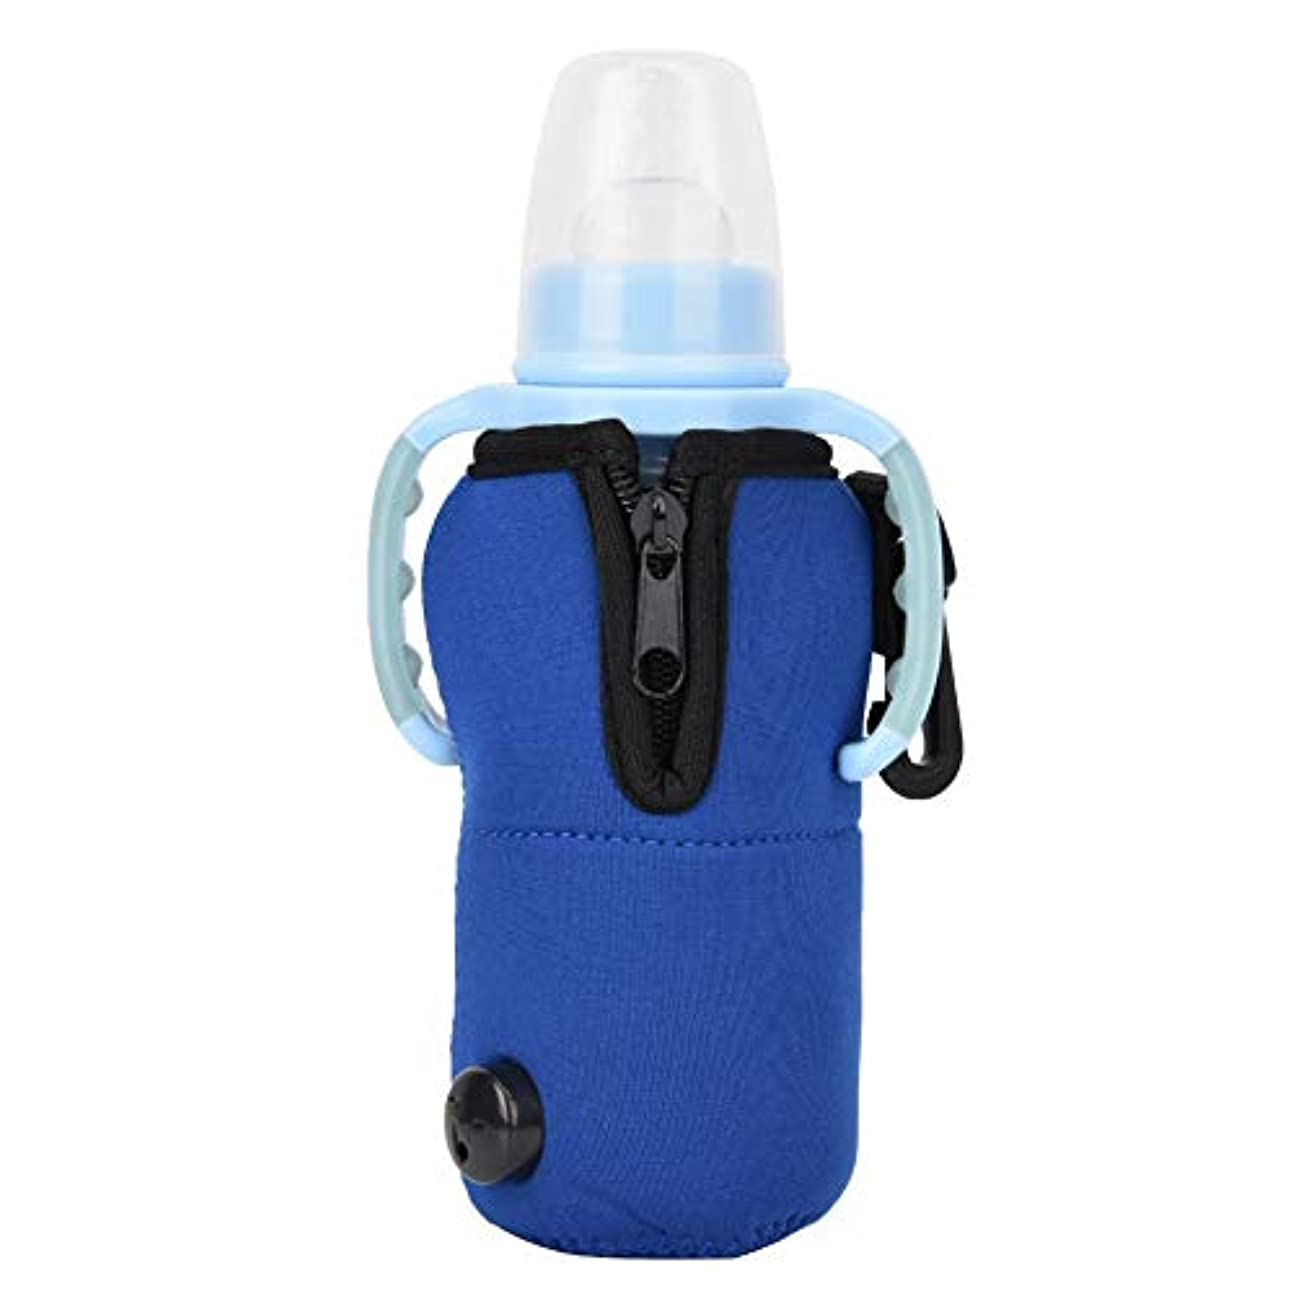 リムブリッジ冷凍庫ミルクウォーマー ウォータードリンクボトルカップヒーター CHBカーボンファイバーカーヒーター用 耐火布付き加熱